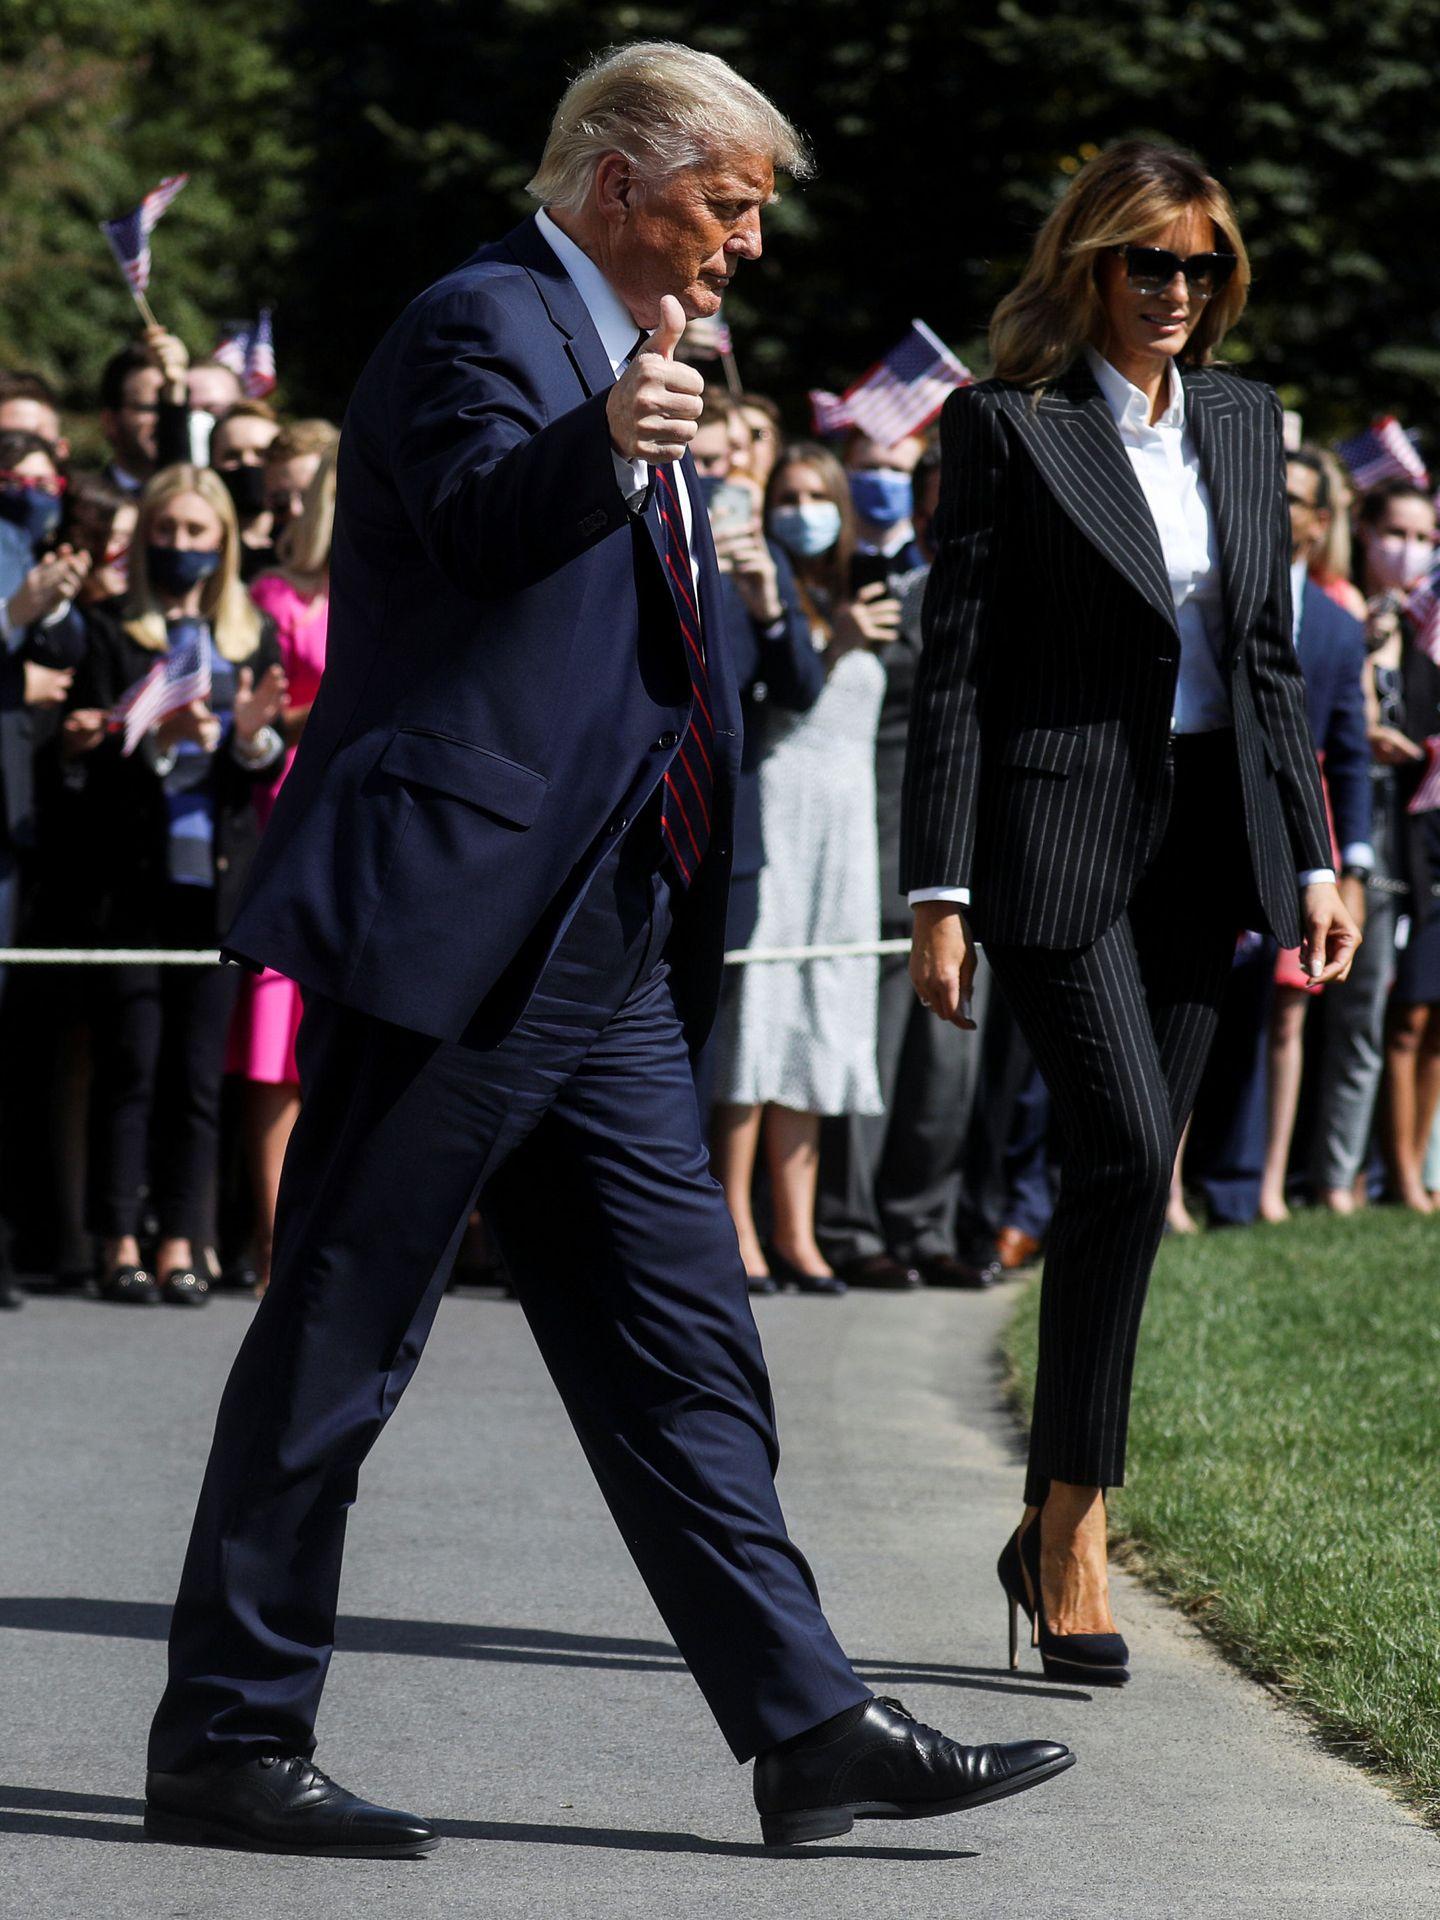 El presidente Donald Trump con Melania Trump. (Reuters)